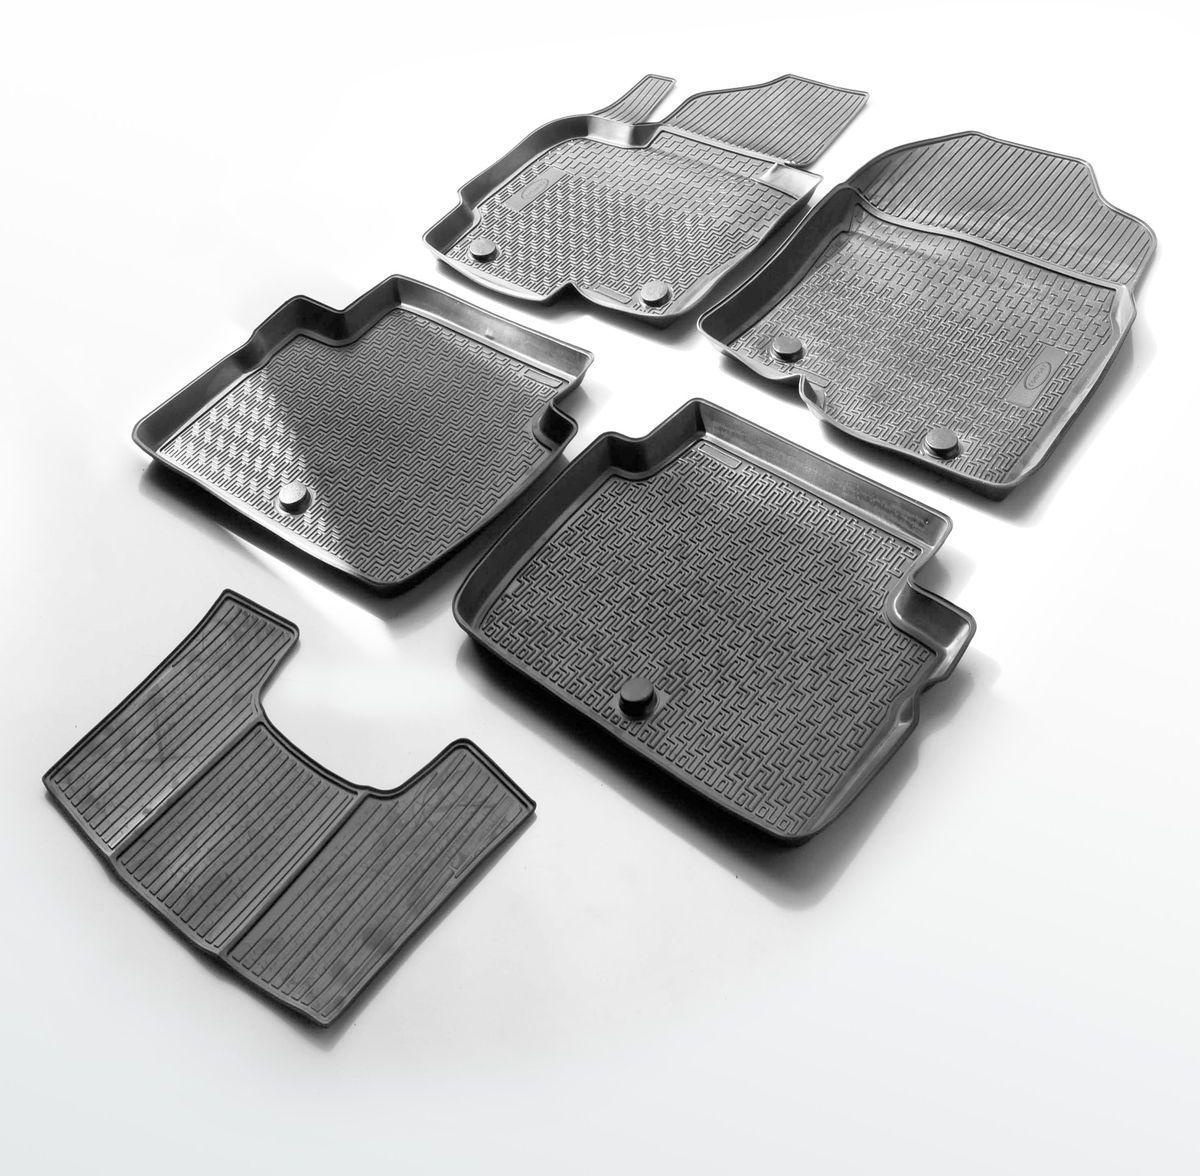 Ковры салона Rival для Toyota Rav4 2013-2015, 2015-, 4 шт + перемычка0015706001Автомобильные ковры салона Rival Прочные и долговечные ковры в салон автомобиля, изготовлены из высококачественного и экологичного сырья, полностью повторяют геометрию салона вашего автомобиля. - Надежная система крепления, позволяющая закрепить коврик на штатные элементы фиксации, в результате чего отсутствует эффект скольжения по салону автомобиля. - Высокая стойкость поверхности к стиранию. - Специализированный рисунок и высокий борт, препятствующие распространению грязи и жидкости по поверхности ковра. - Перемычка задних ковров в комплекте предотвращает загрязнение тоннеля карданного вала. - Произведены из первичных материалов, в результате чего отсутствует неприятный запах в салоне автомобиля. - Высокая эластичность, можно беспрепятственно эксплуатировать при температуре от -45 ?C до +45 ?C.